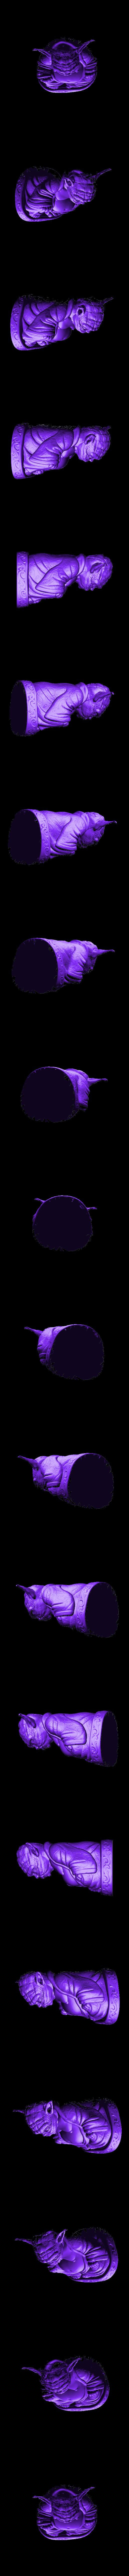 buddah_yoda.stl Télécharger fichier STL gratuit Pop-Buddha • Design pour impression 3D, flavio12